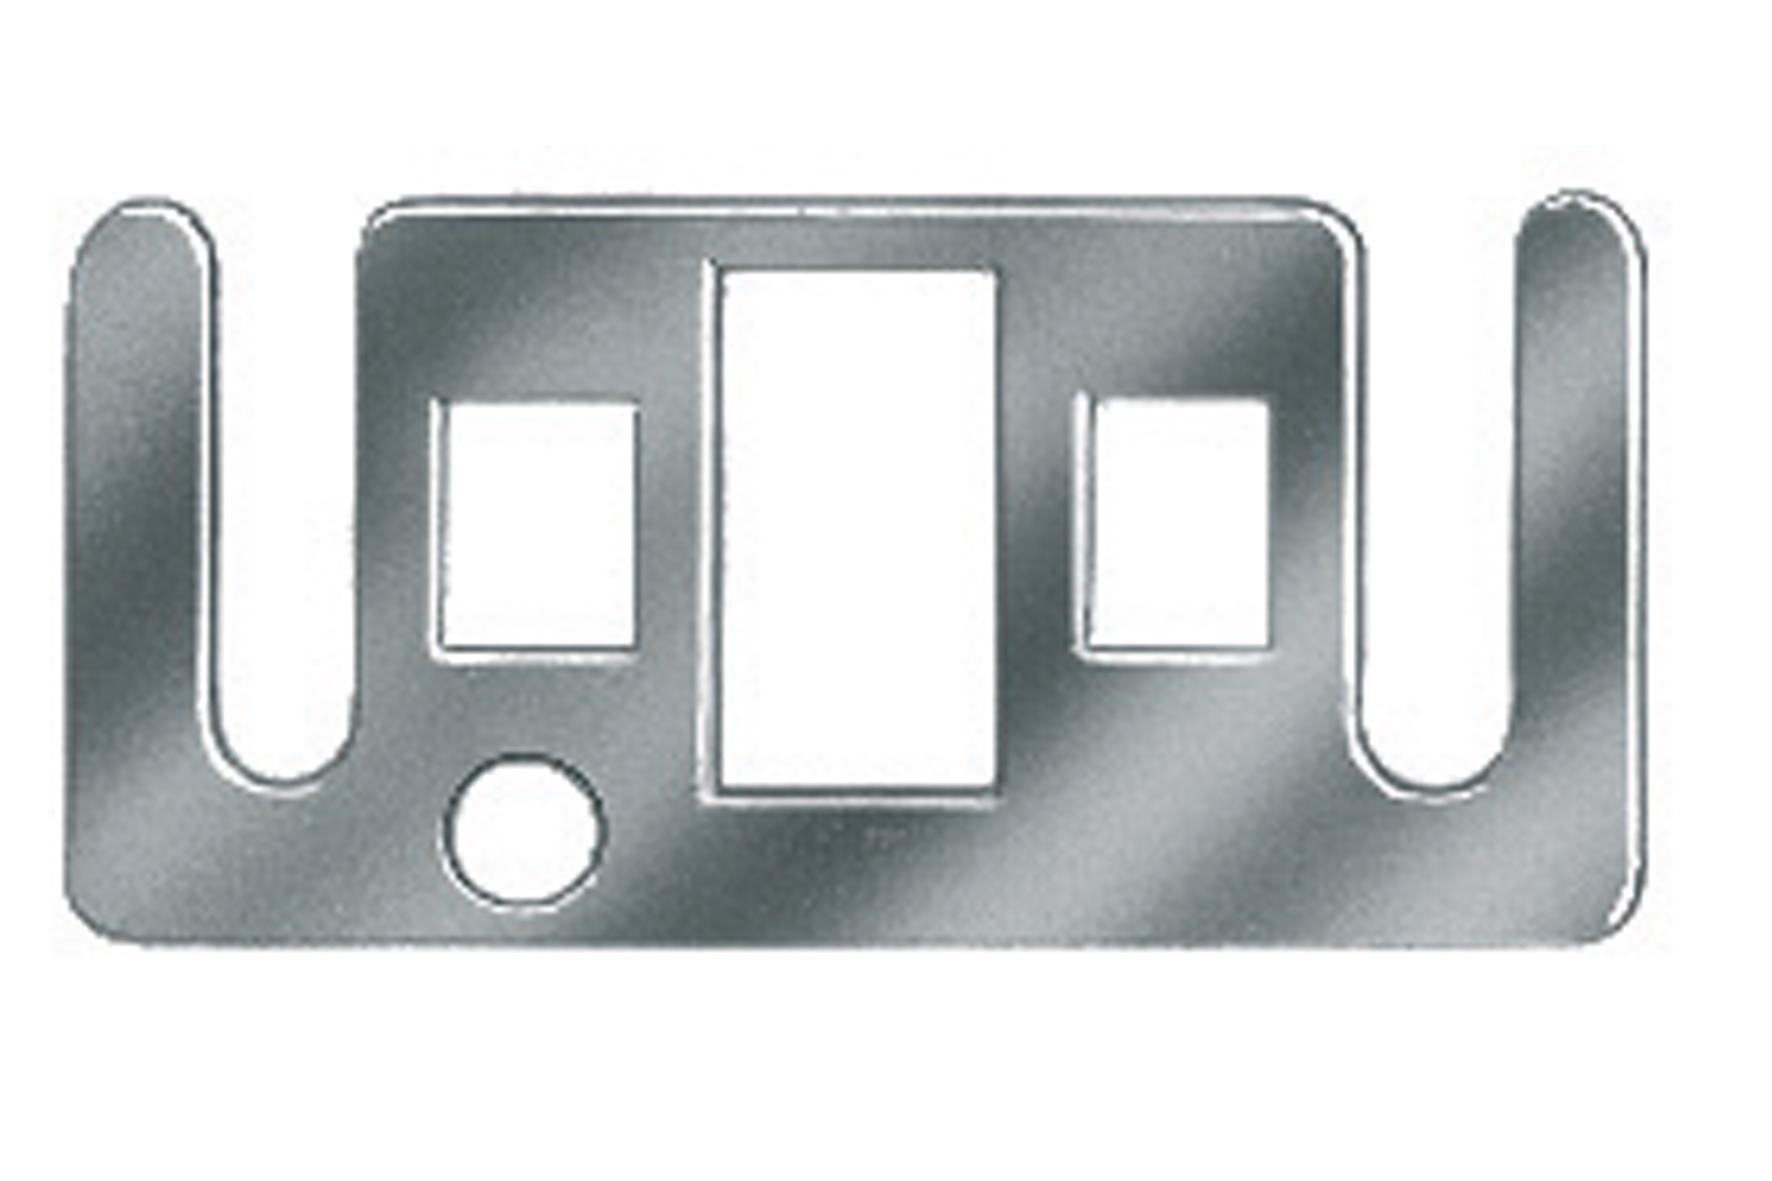 Plaque inox achat en ligne ou dans notre magasin for Achat plaque inox